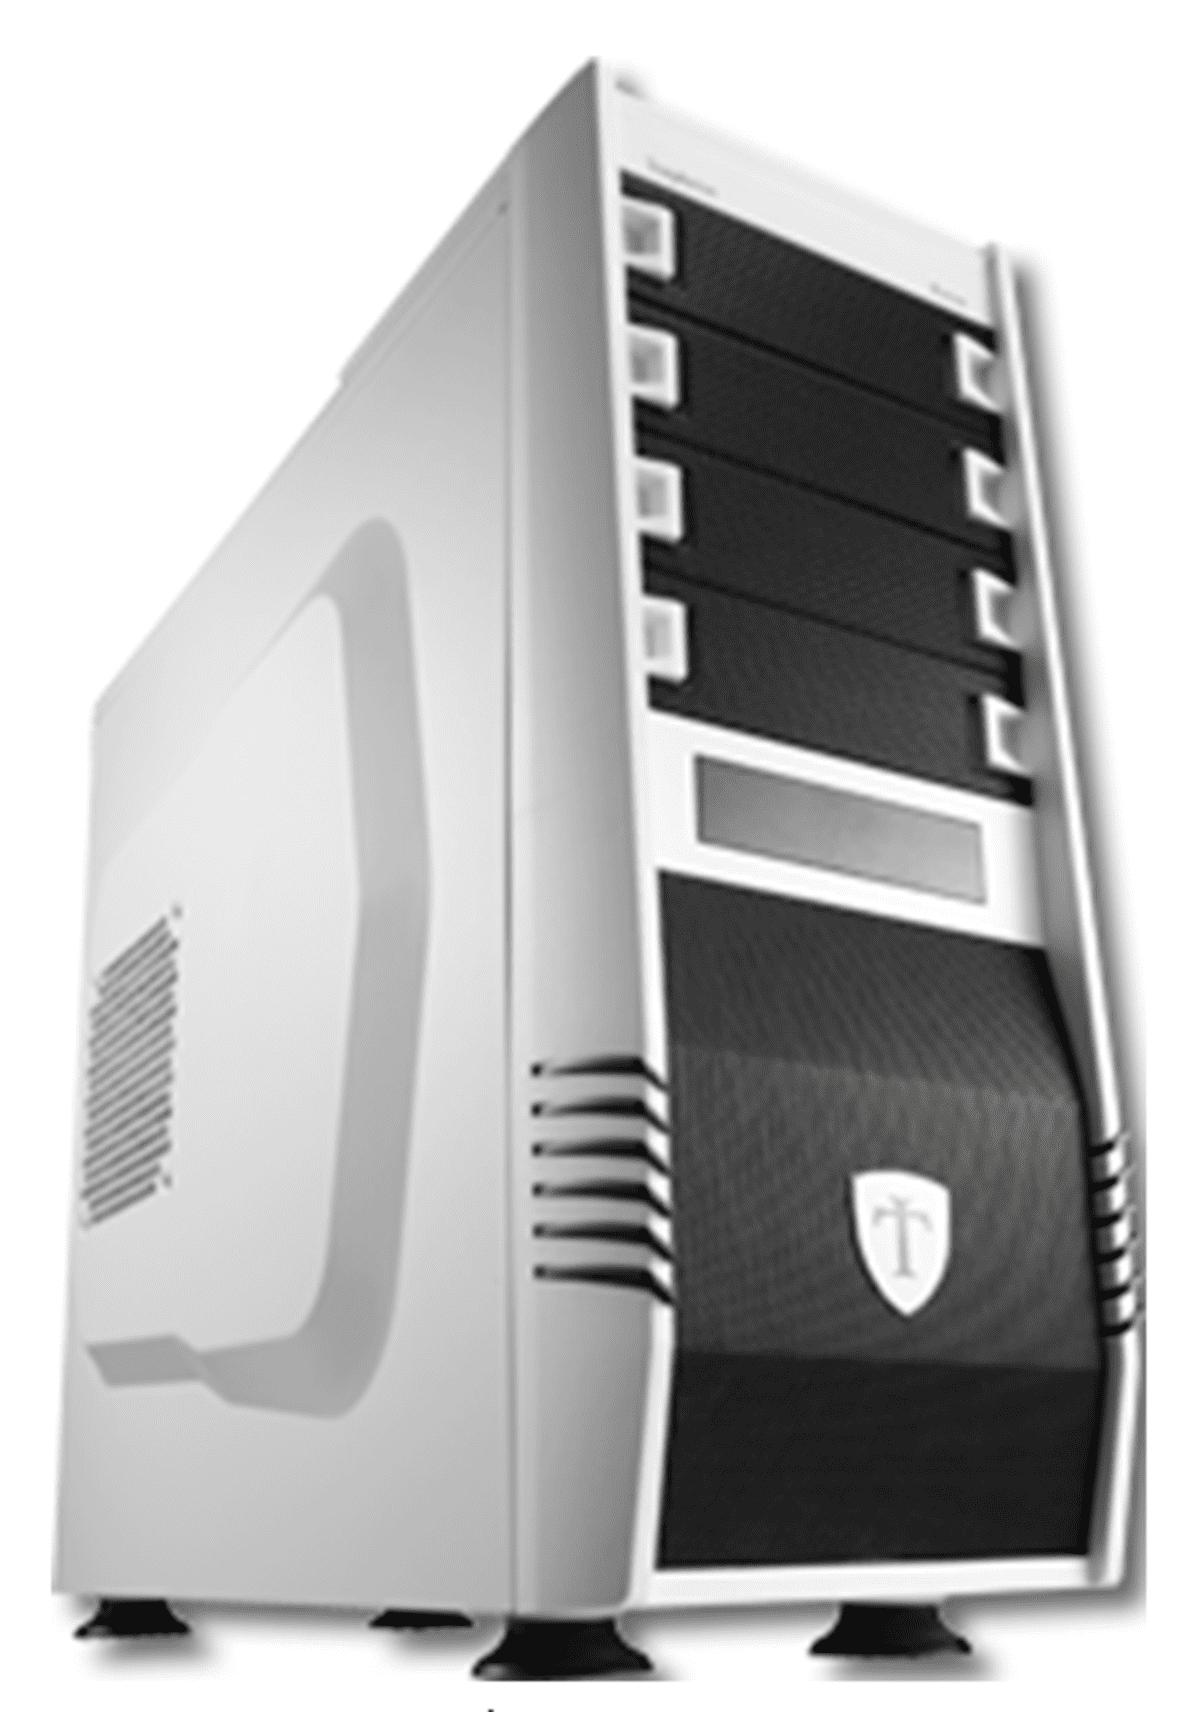 La marca Templarius se estrena en la Computex 2012